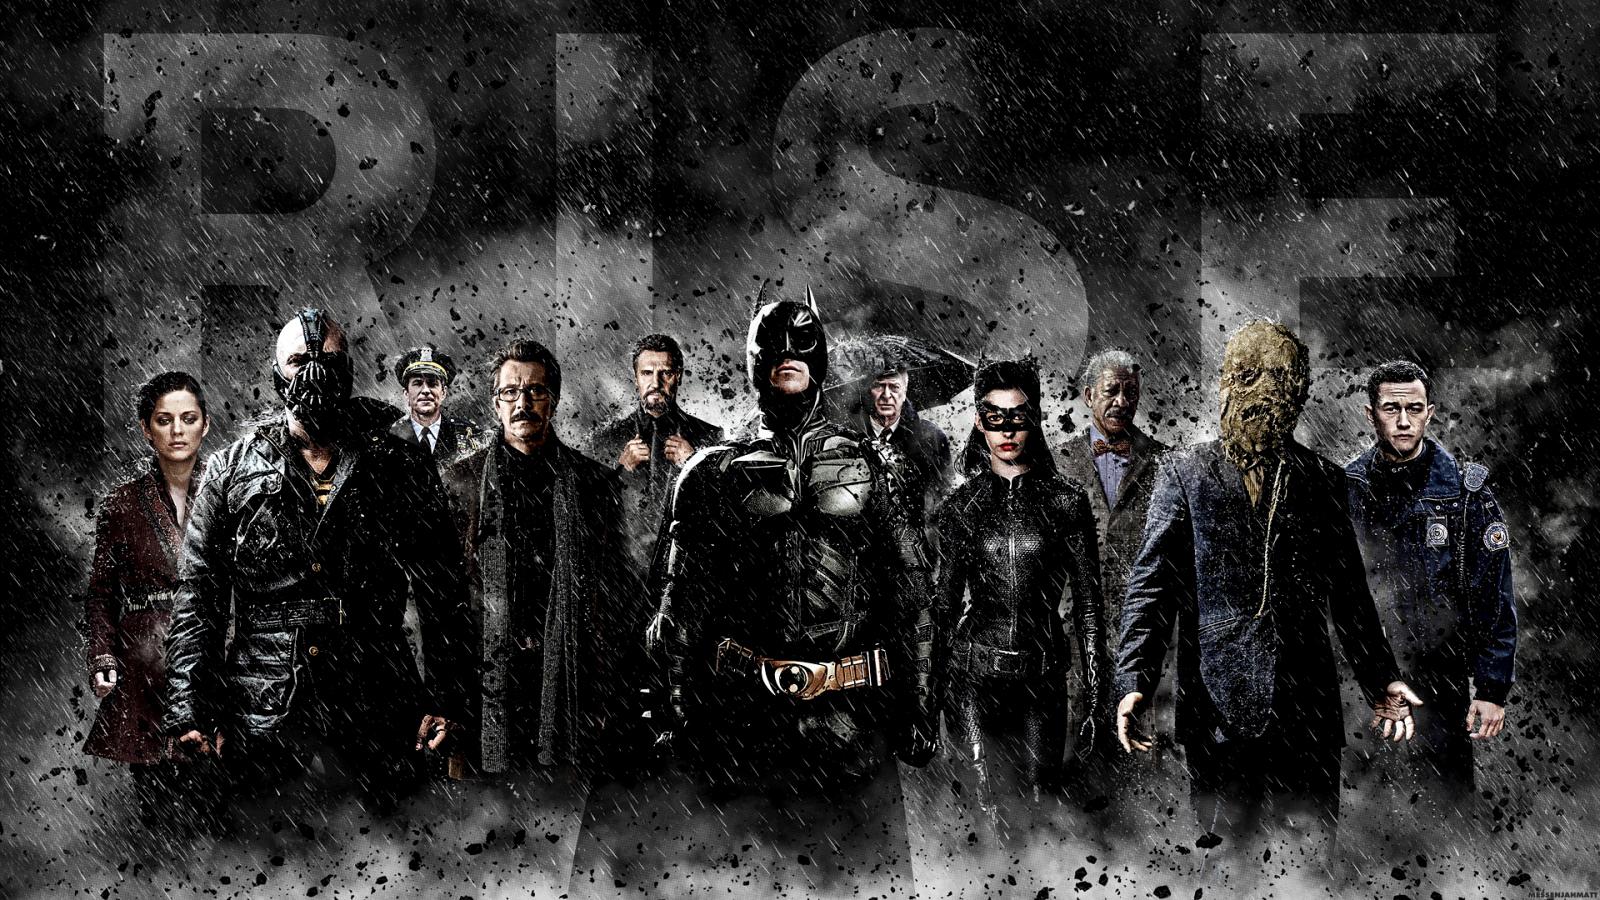 Fuentes de Información - Wallpapers de Batman The Dark Knight Rises